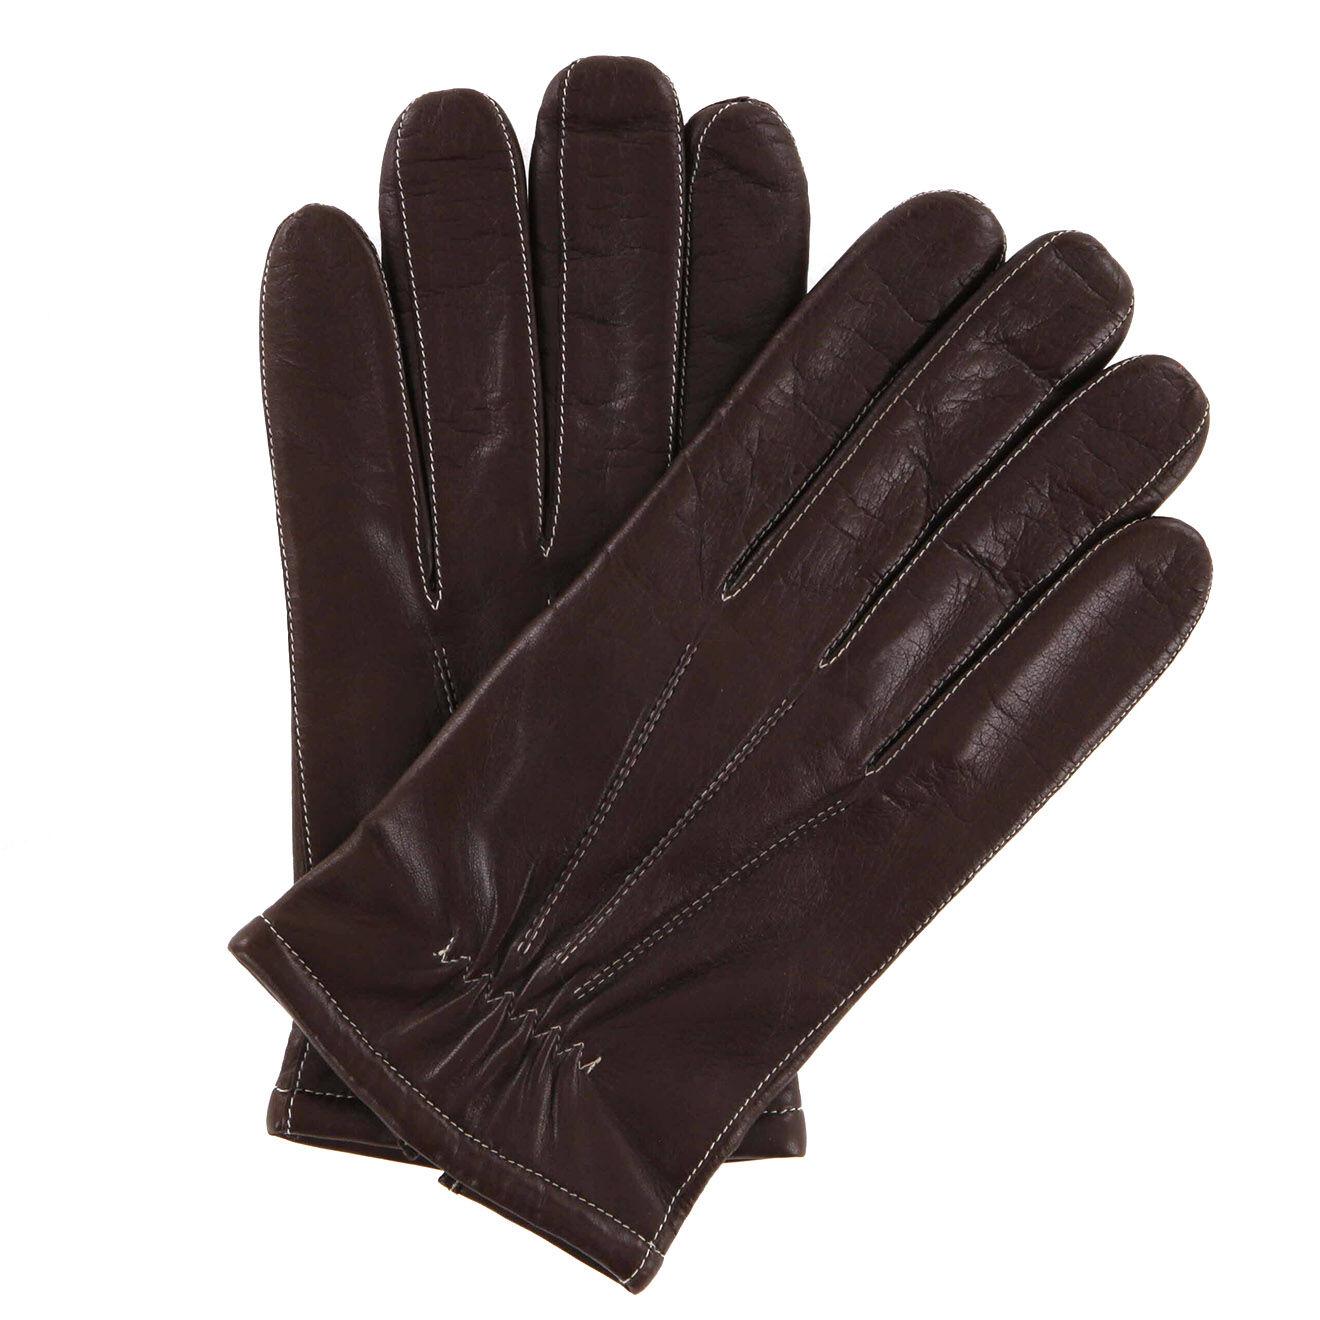 Gants en Cuir d'Agneau doublure textile marron/écru